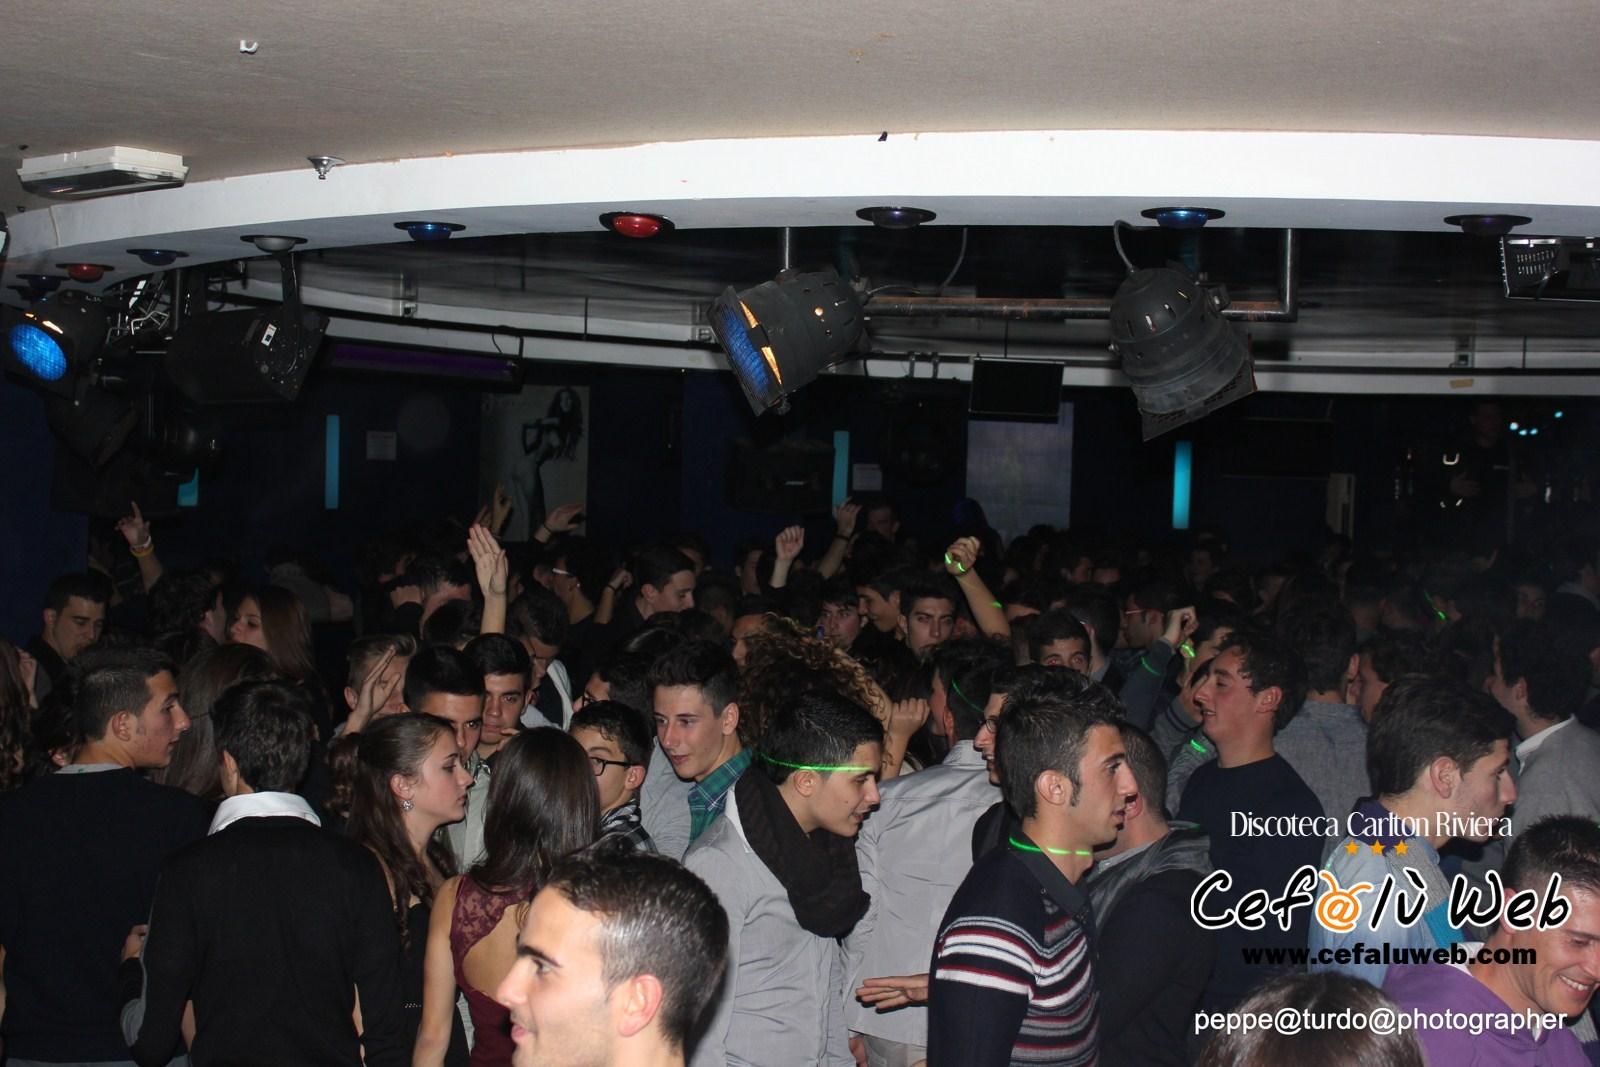 Discoteca Carlton Riviera: 7 Dicembre 2012 - Festa Liceo Classico Mandralisca [Foto]